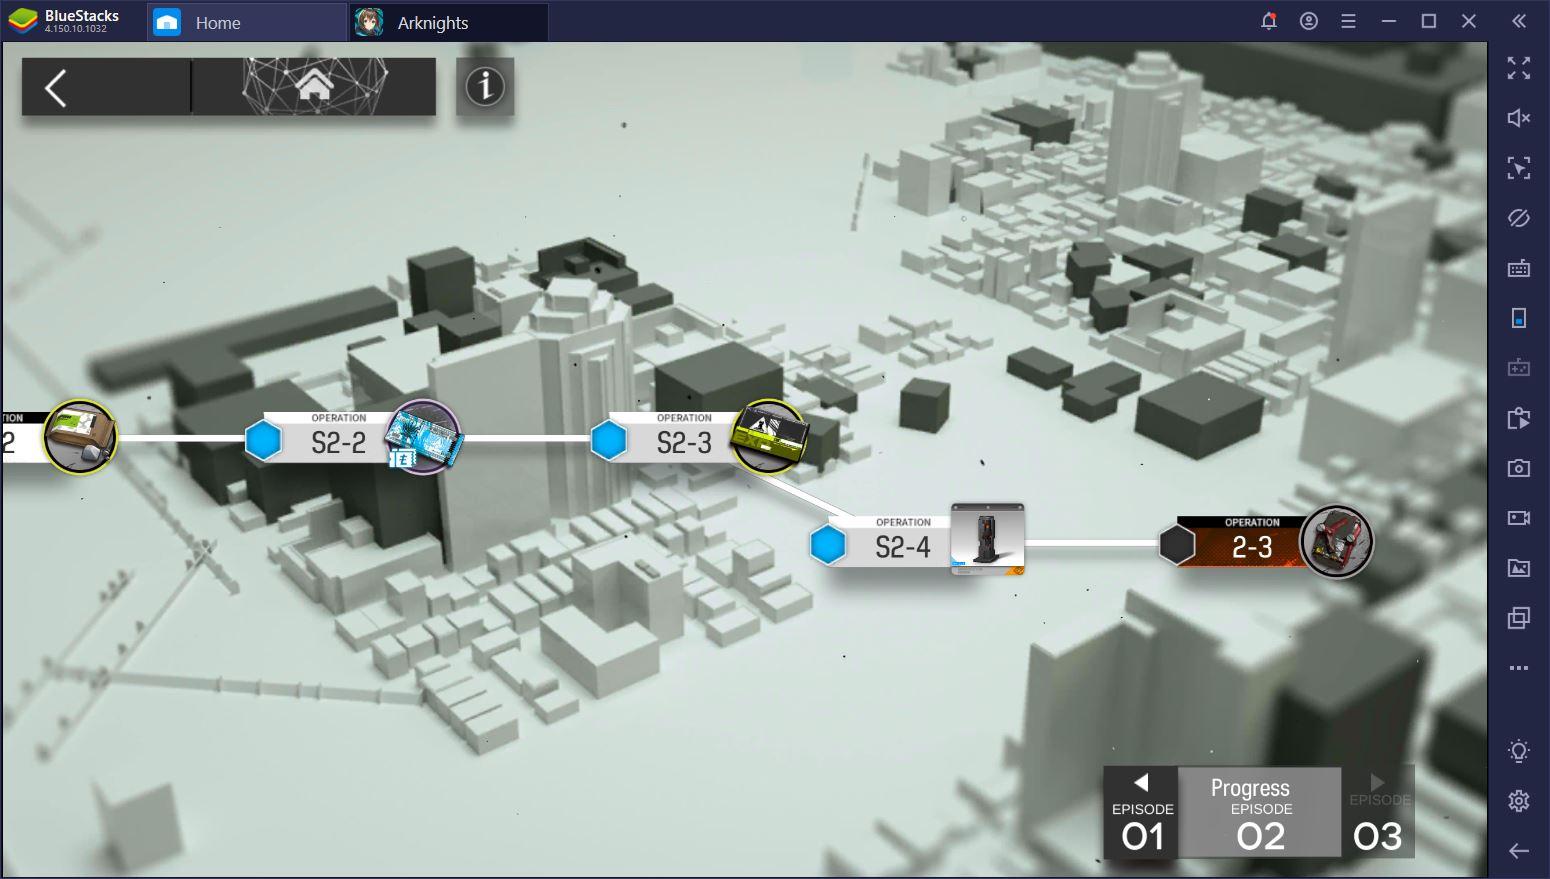 Arknights sur PC : Trucs et astuces pour bien débuter